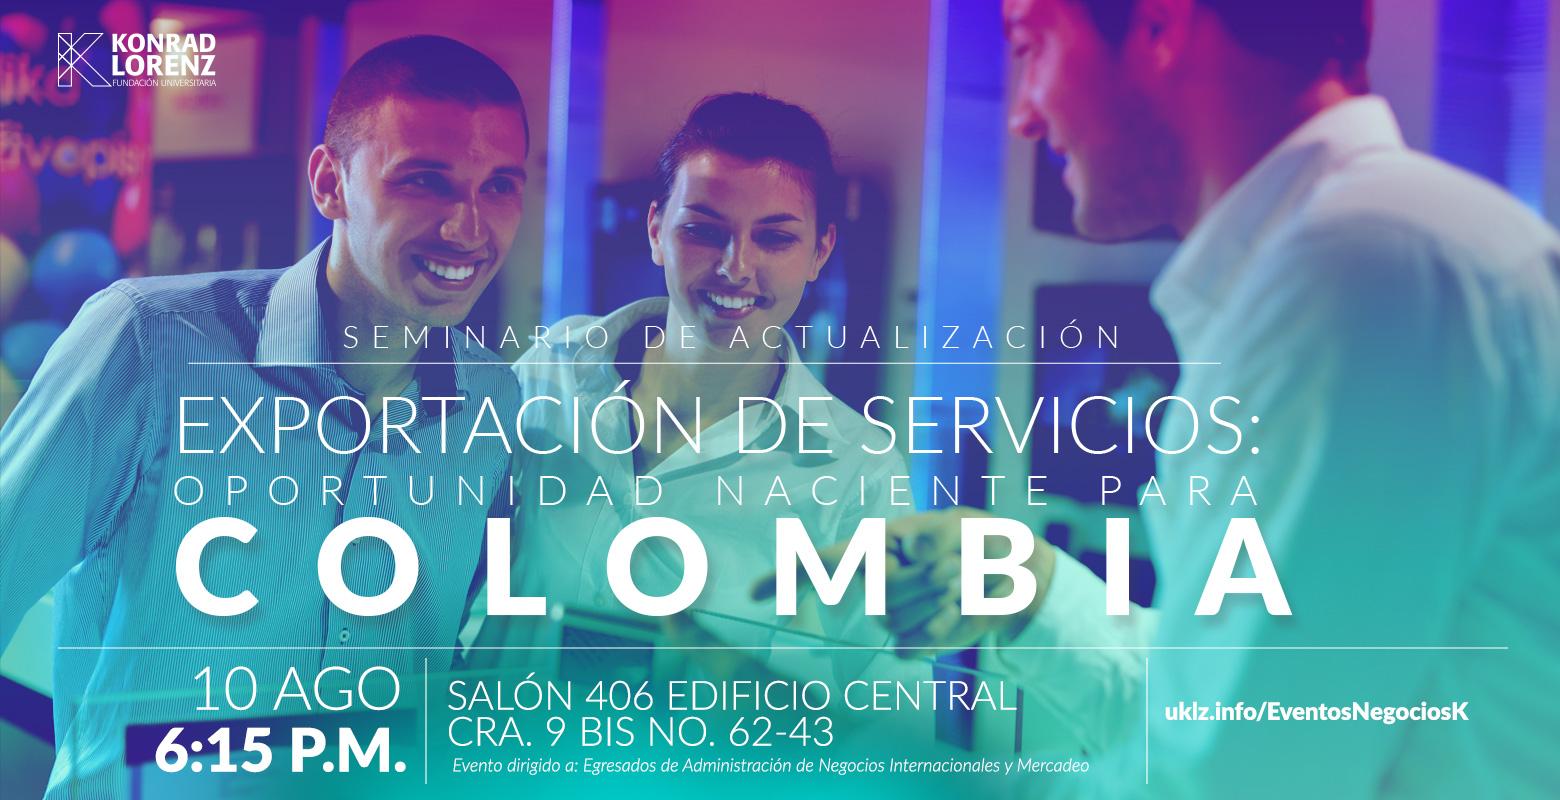 Seminario de Actualización: Exportación de servicios: oportunidad naciente para Colombia